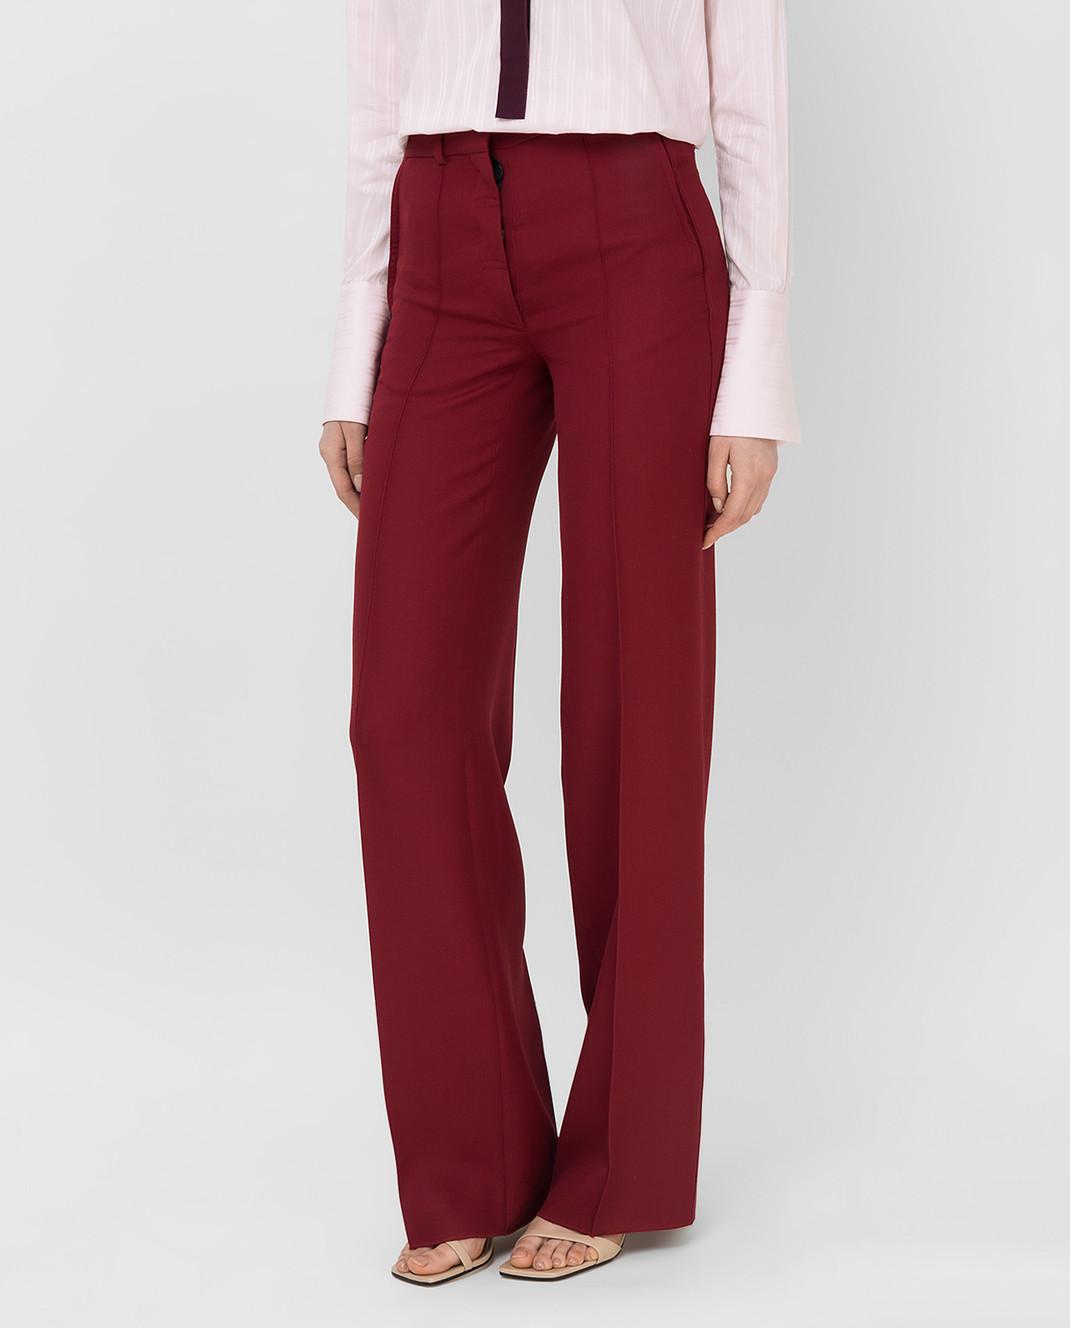 Victoria Beckham Бордовые брюки из шерсти TRWID2500D изображение 3